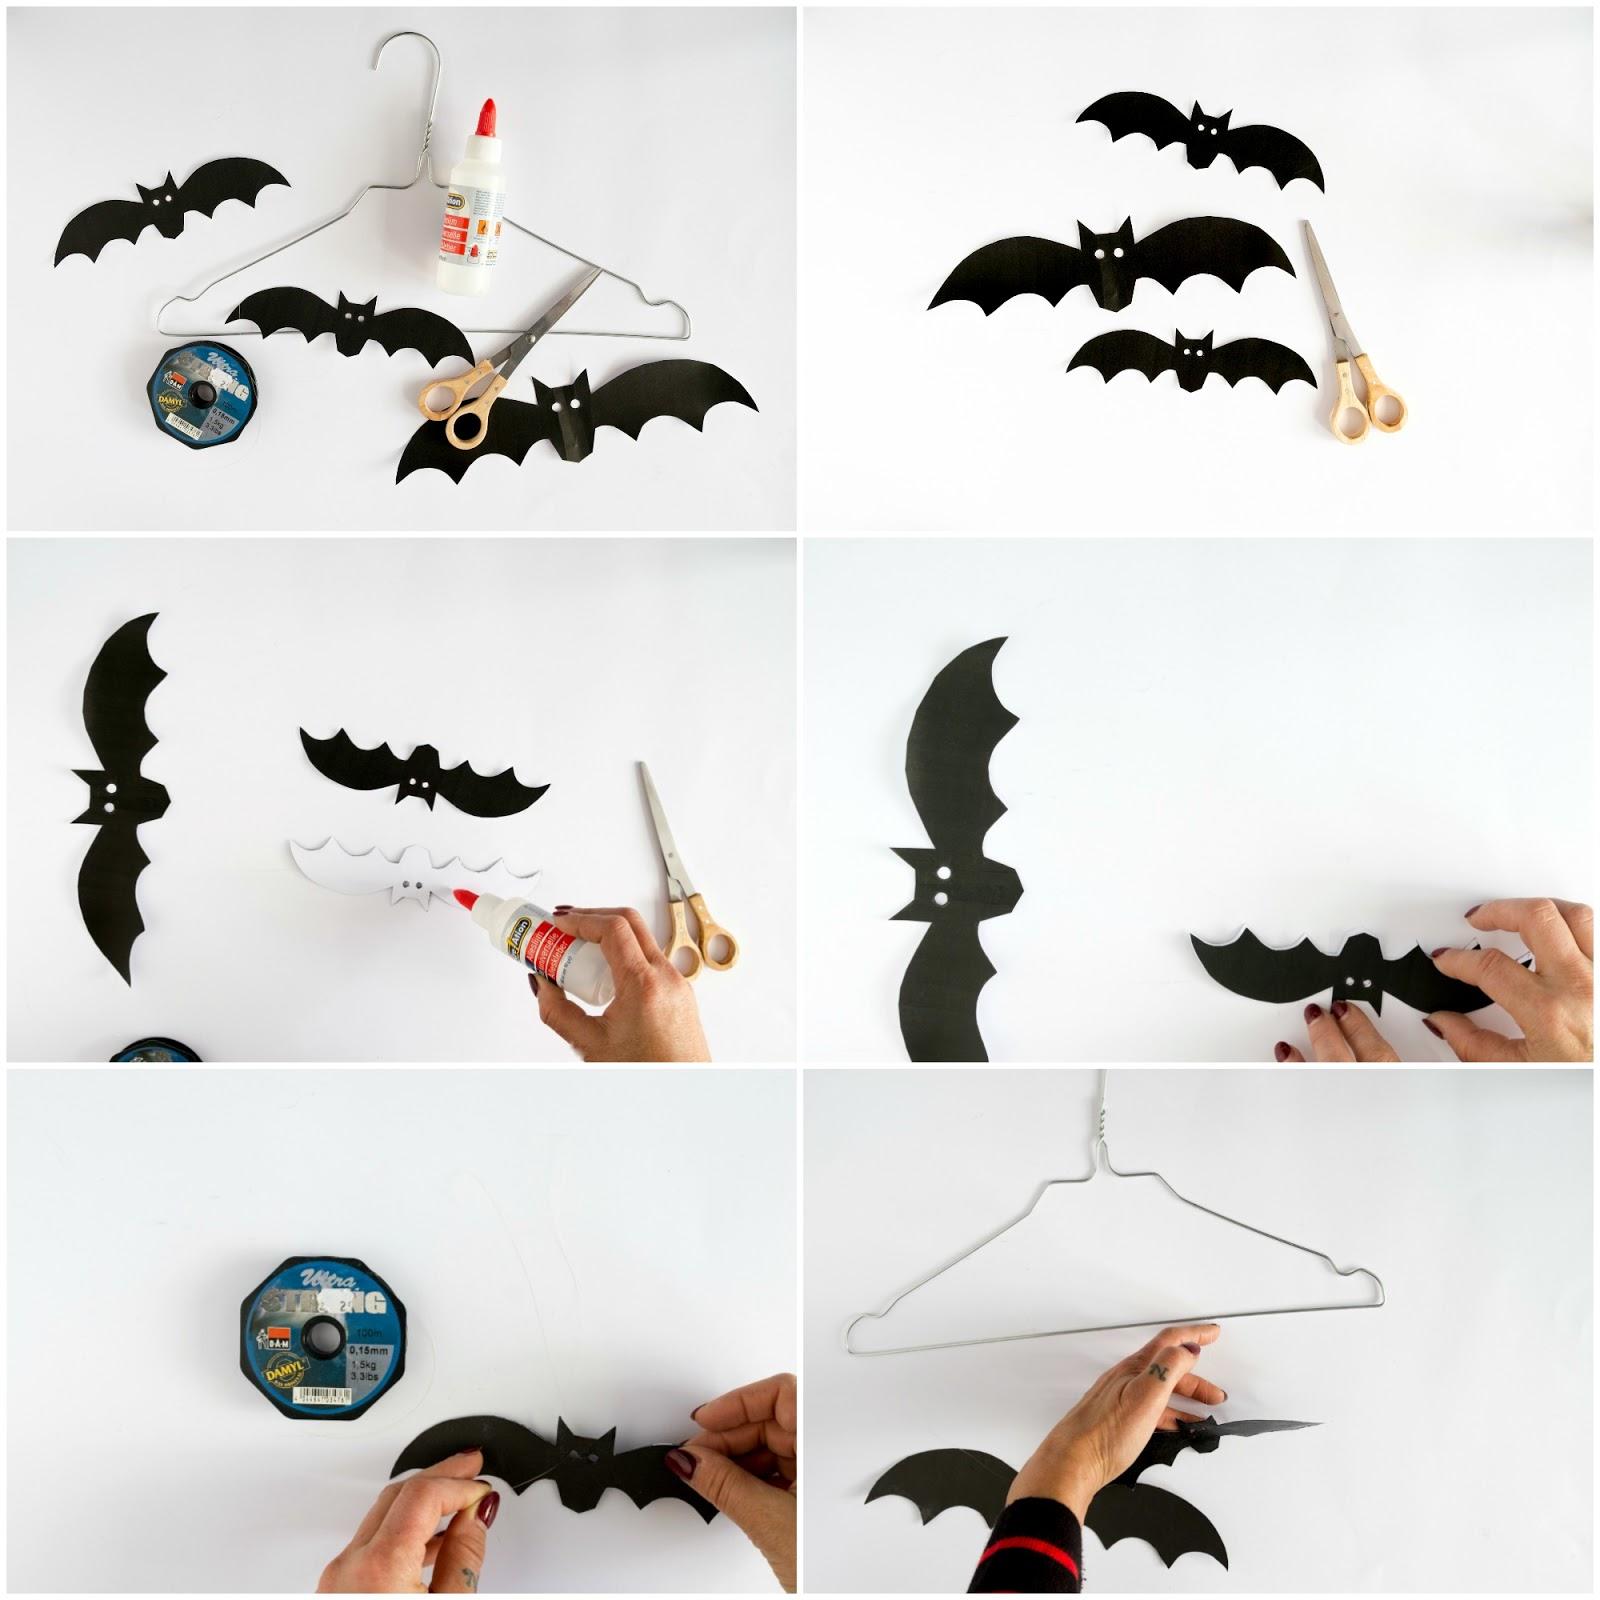 Zelf maken decoratie voor halloween met papieren for Halloween versiering maken